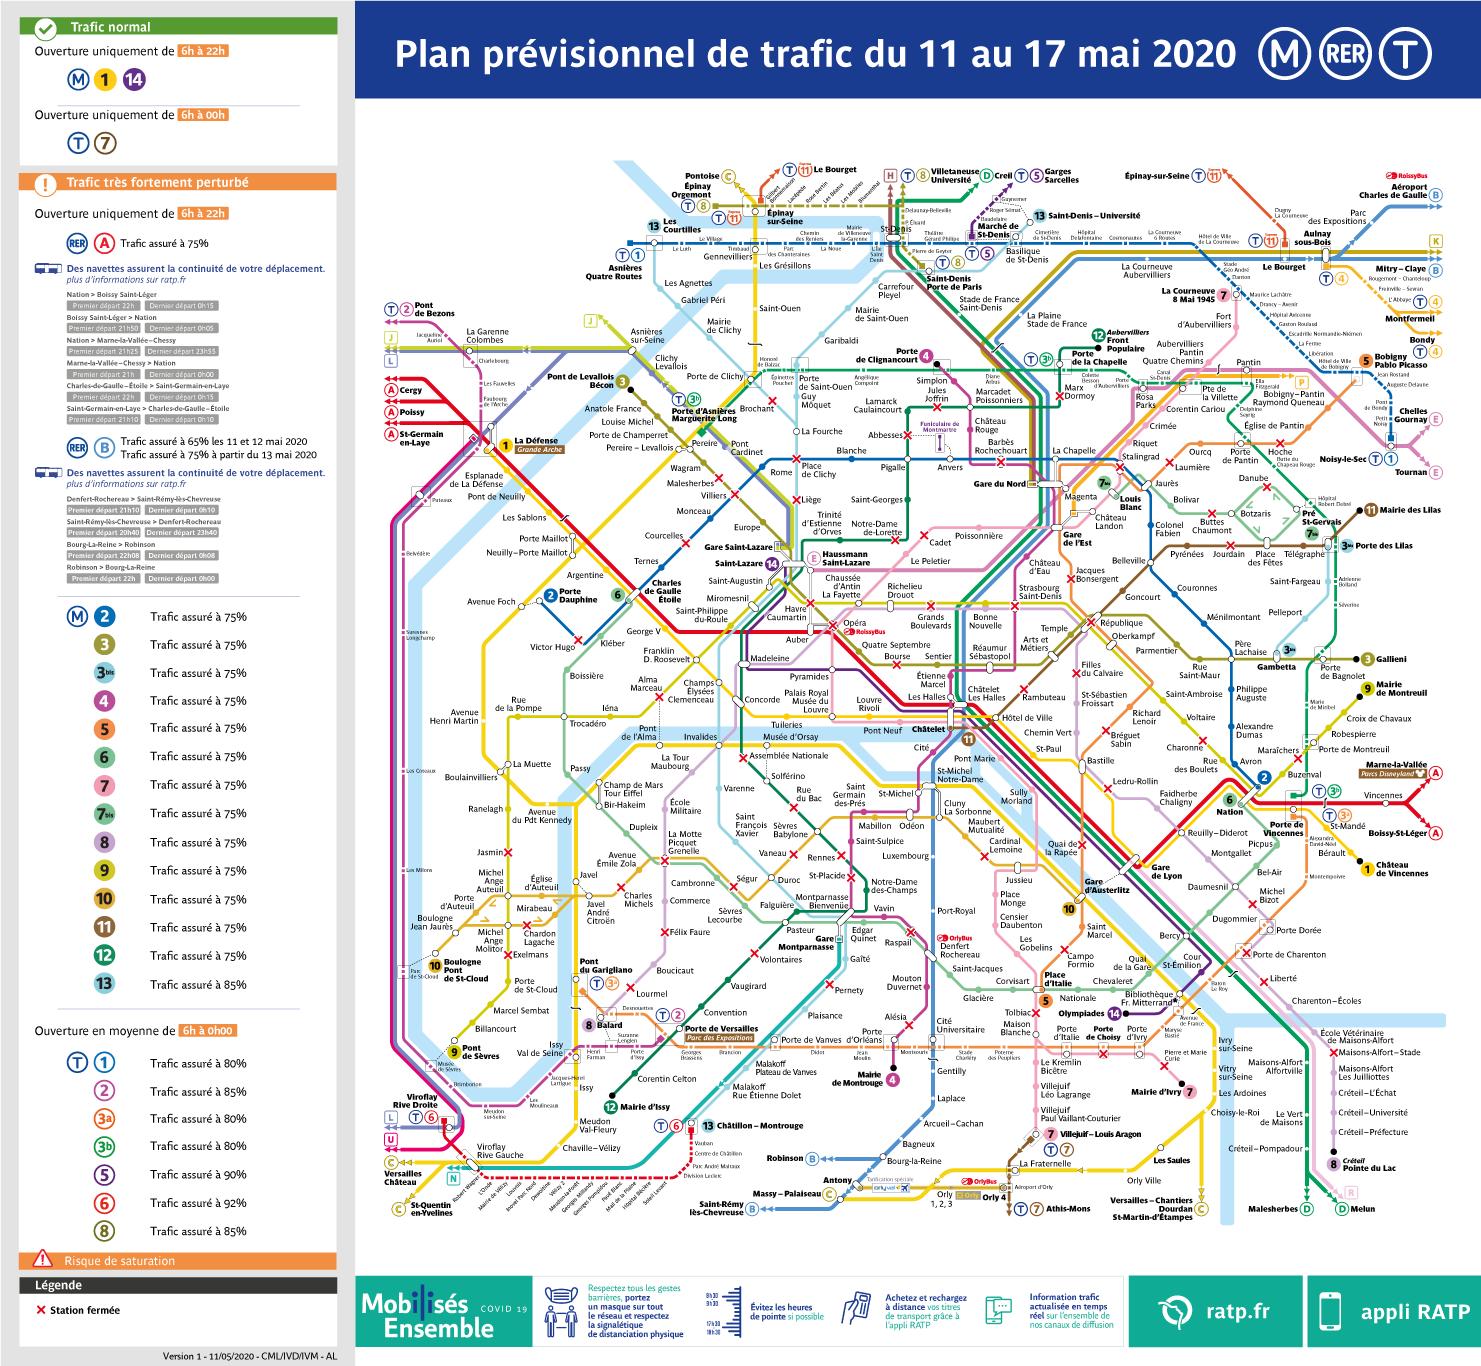 plan_previsionnel_de_trafic_du_11_au_17_mai_2020.png